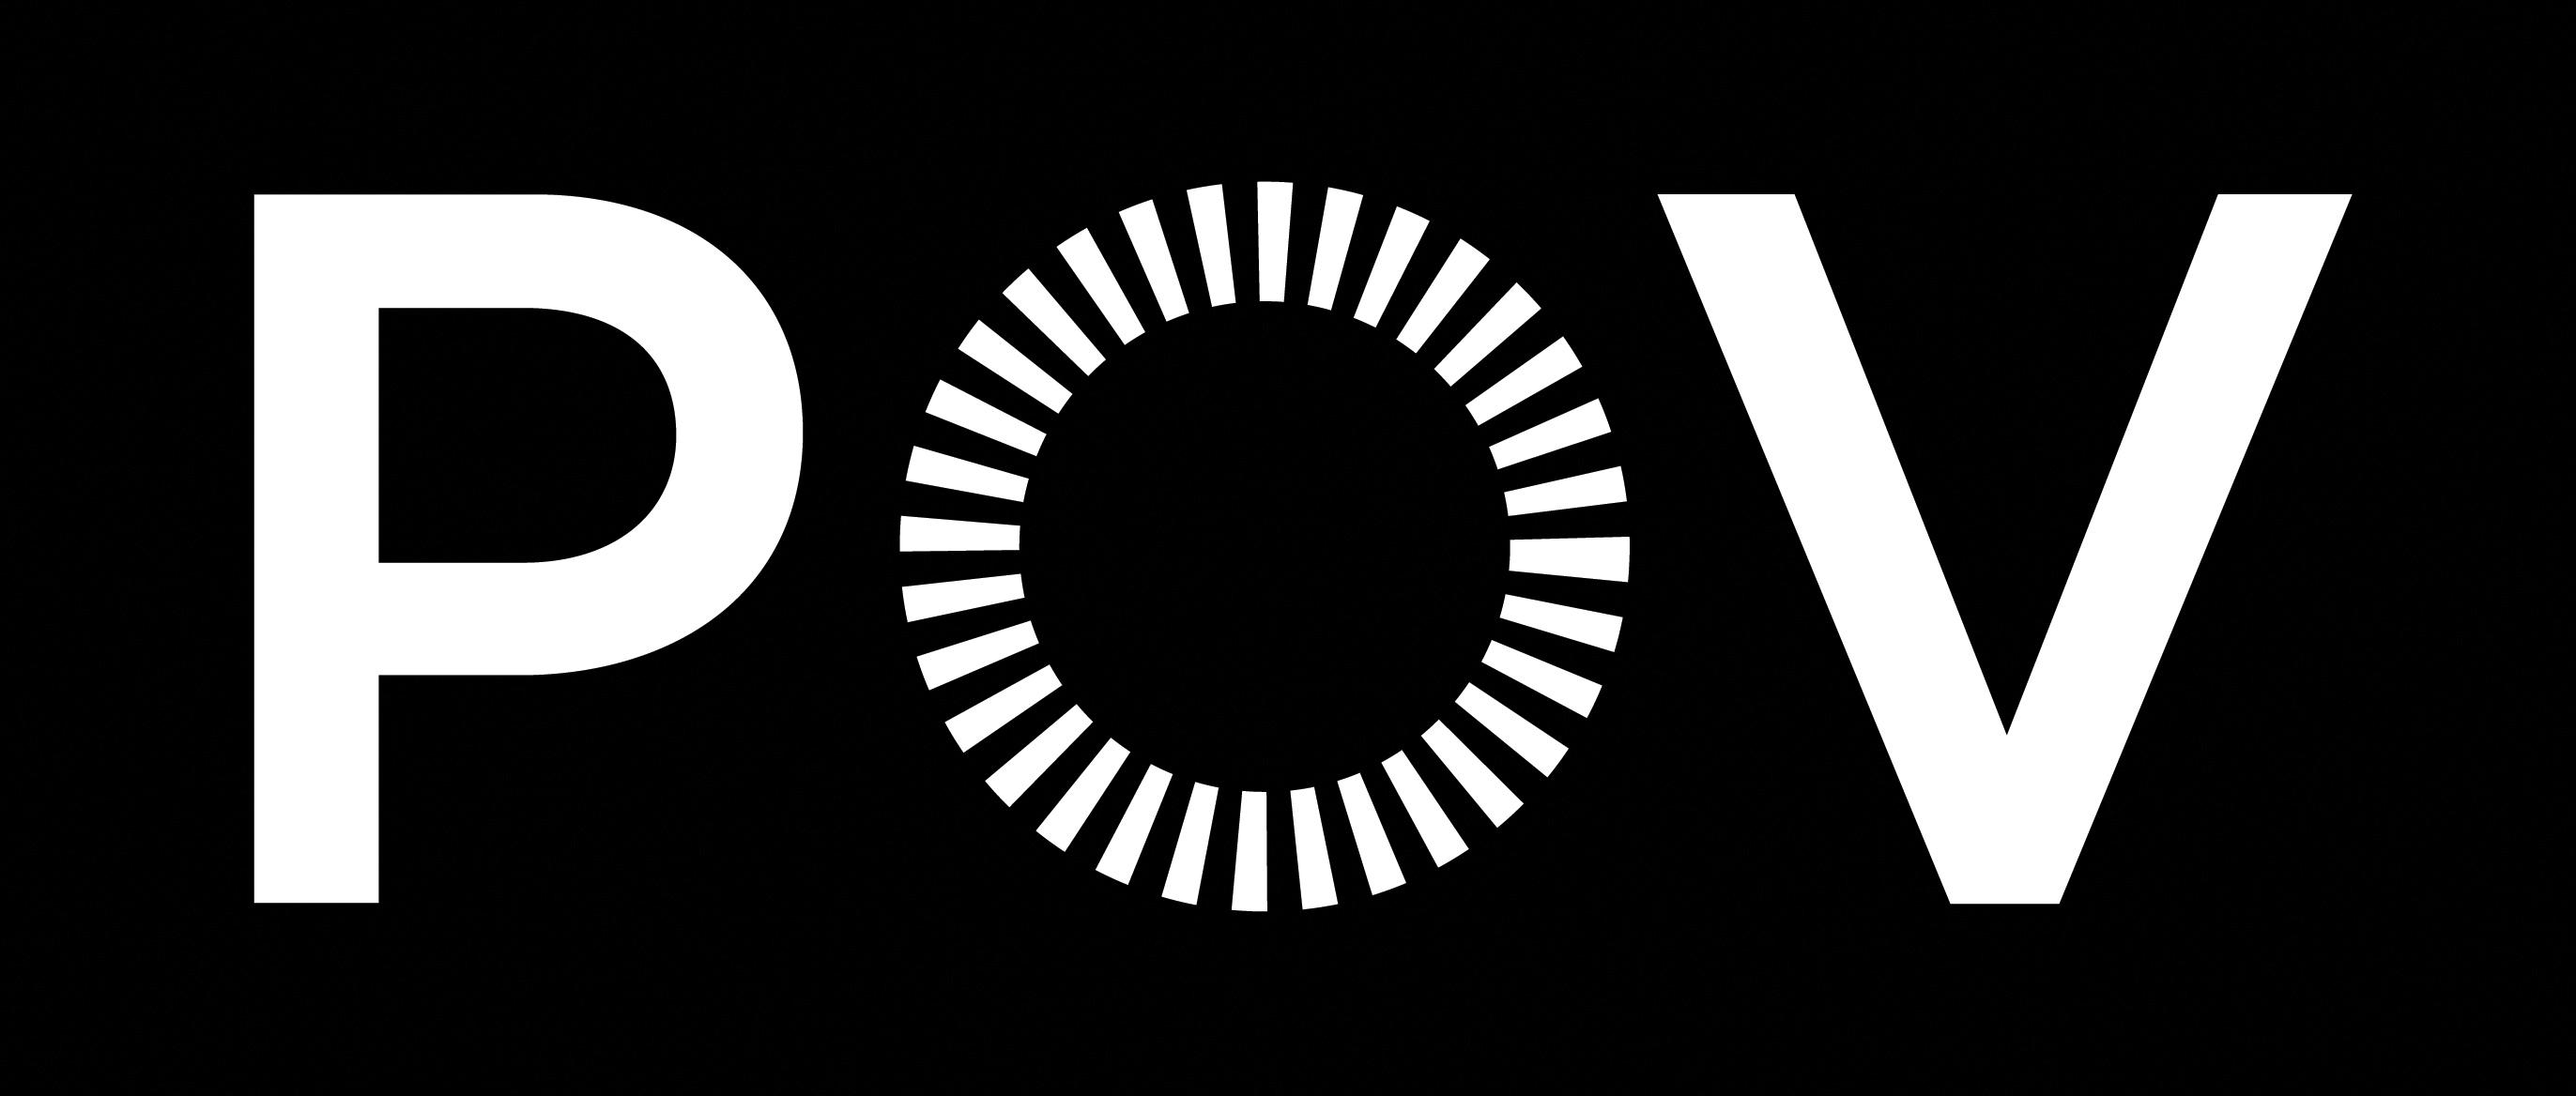 Free Pov Sex 19